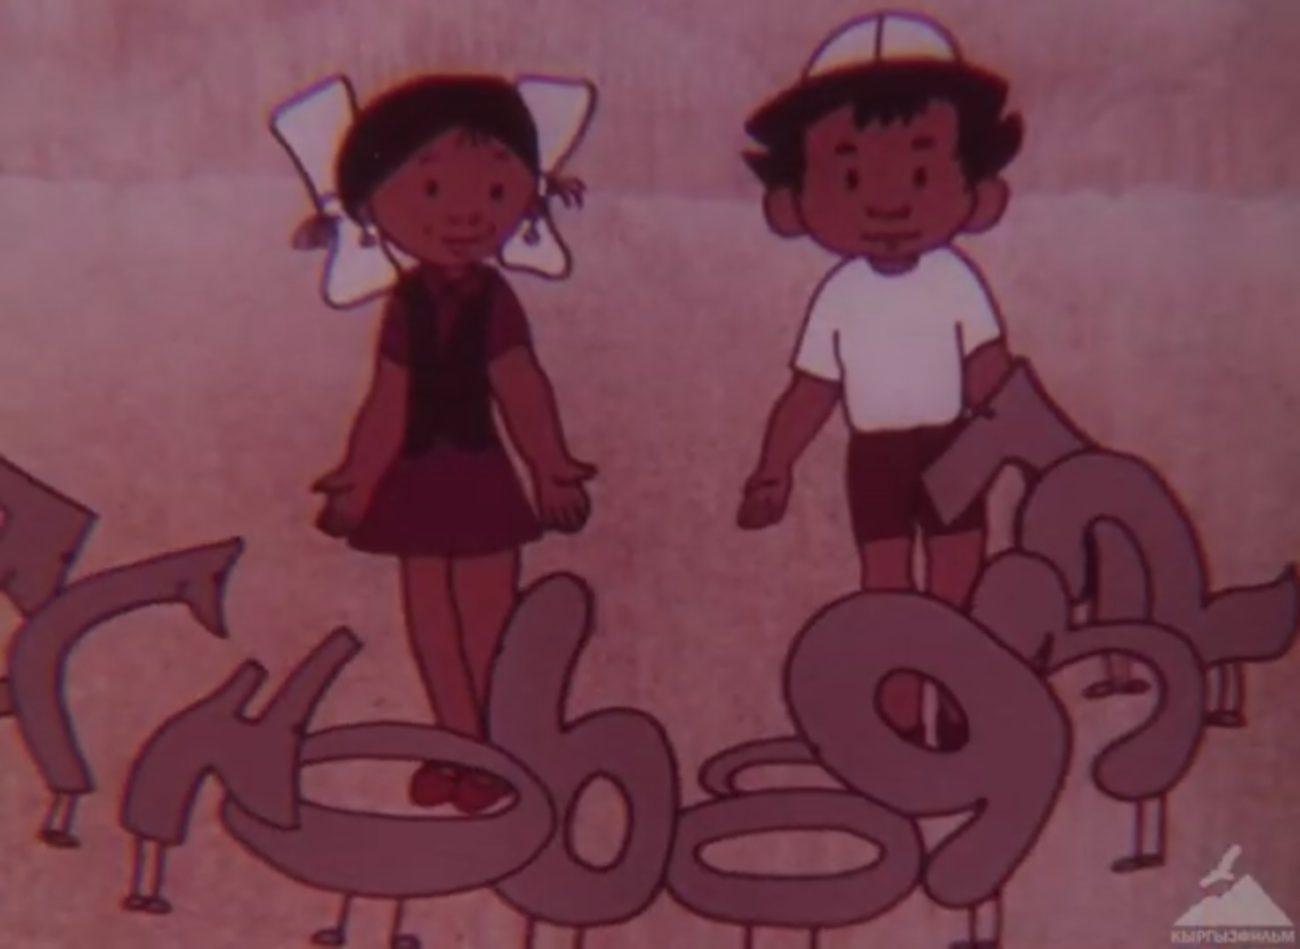 Cinema Kirghizstan Dessin Animé Cartoon URSS Mathématiques Education Asie Centrale